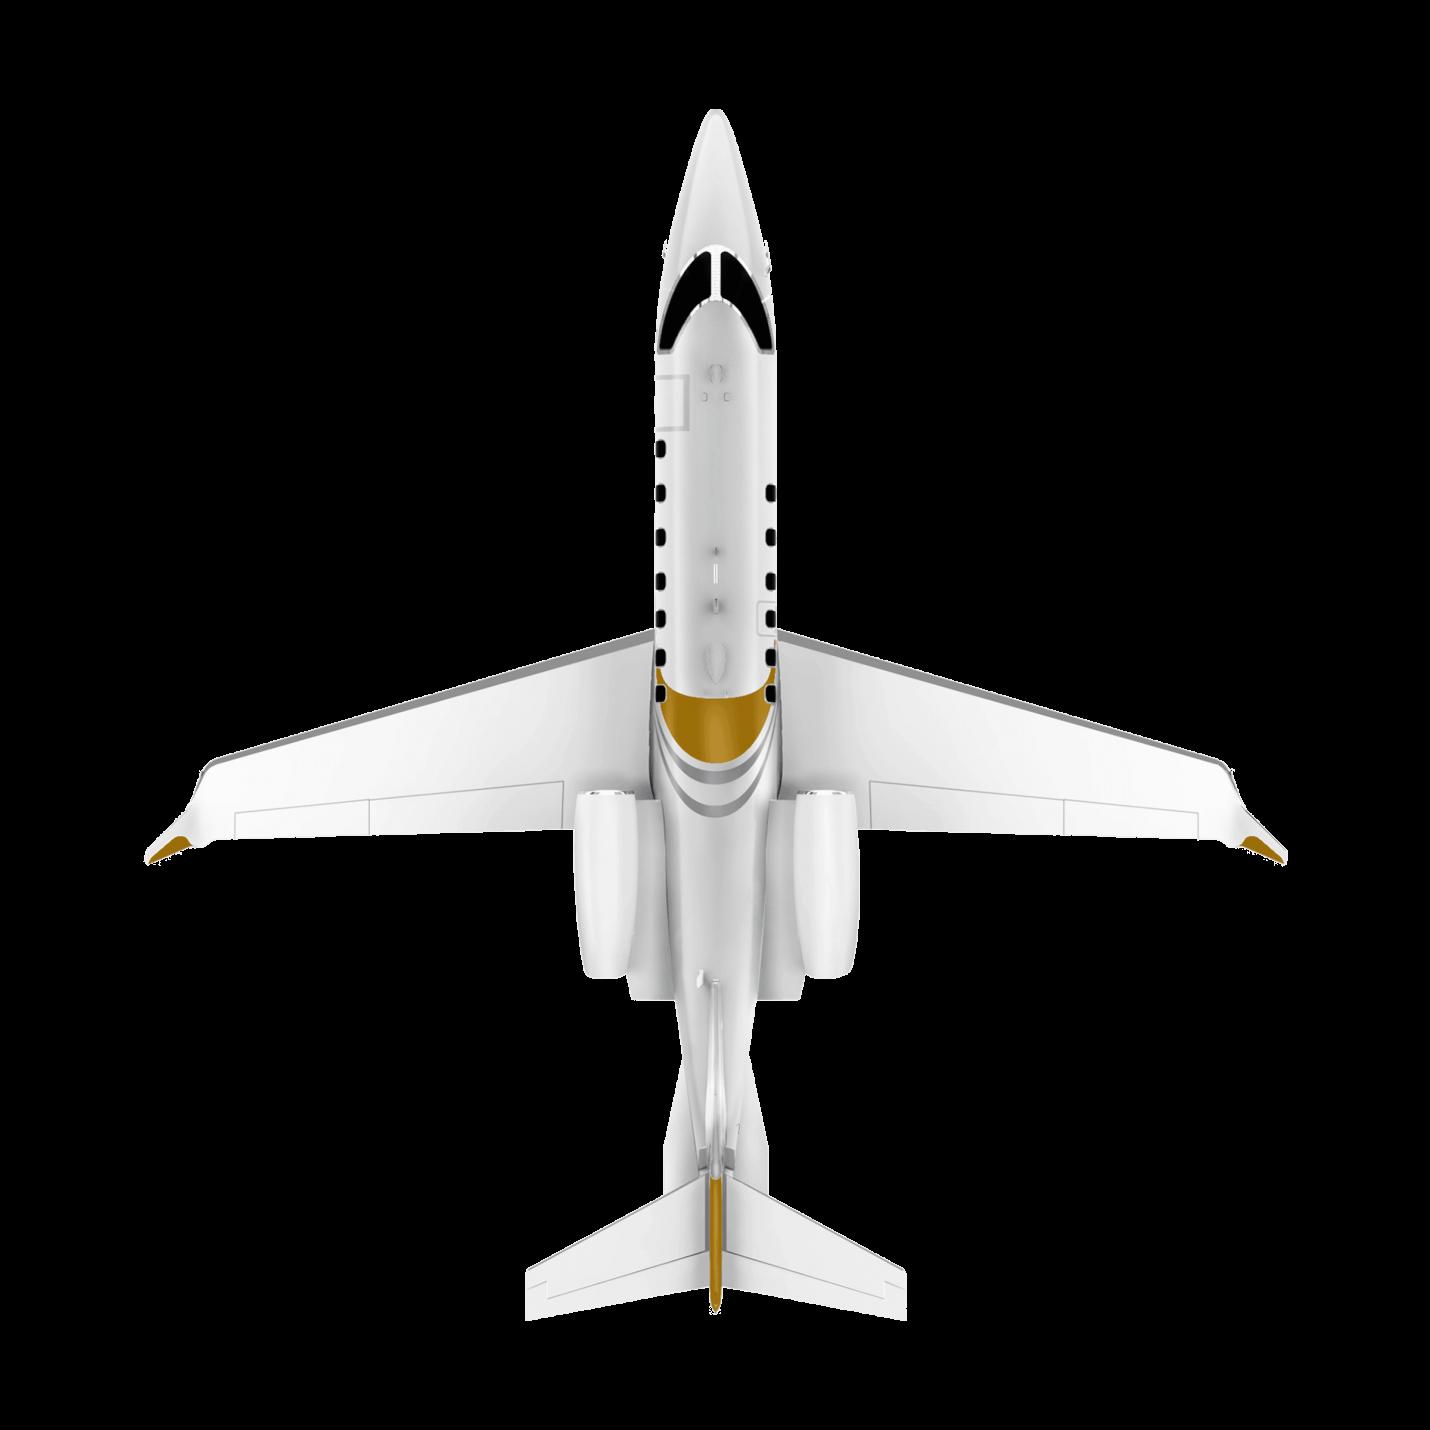 Learjet 70 top view